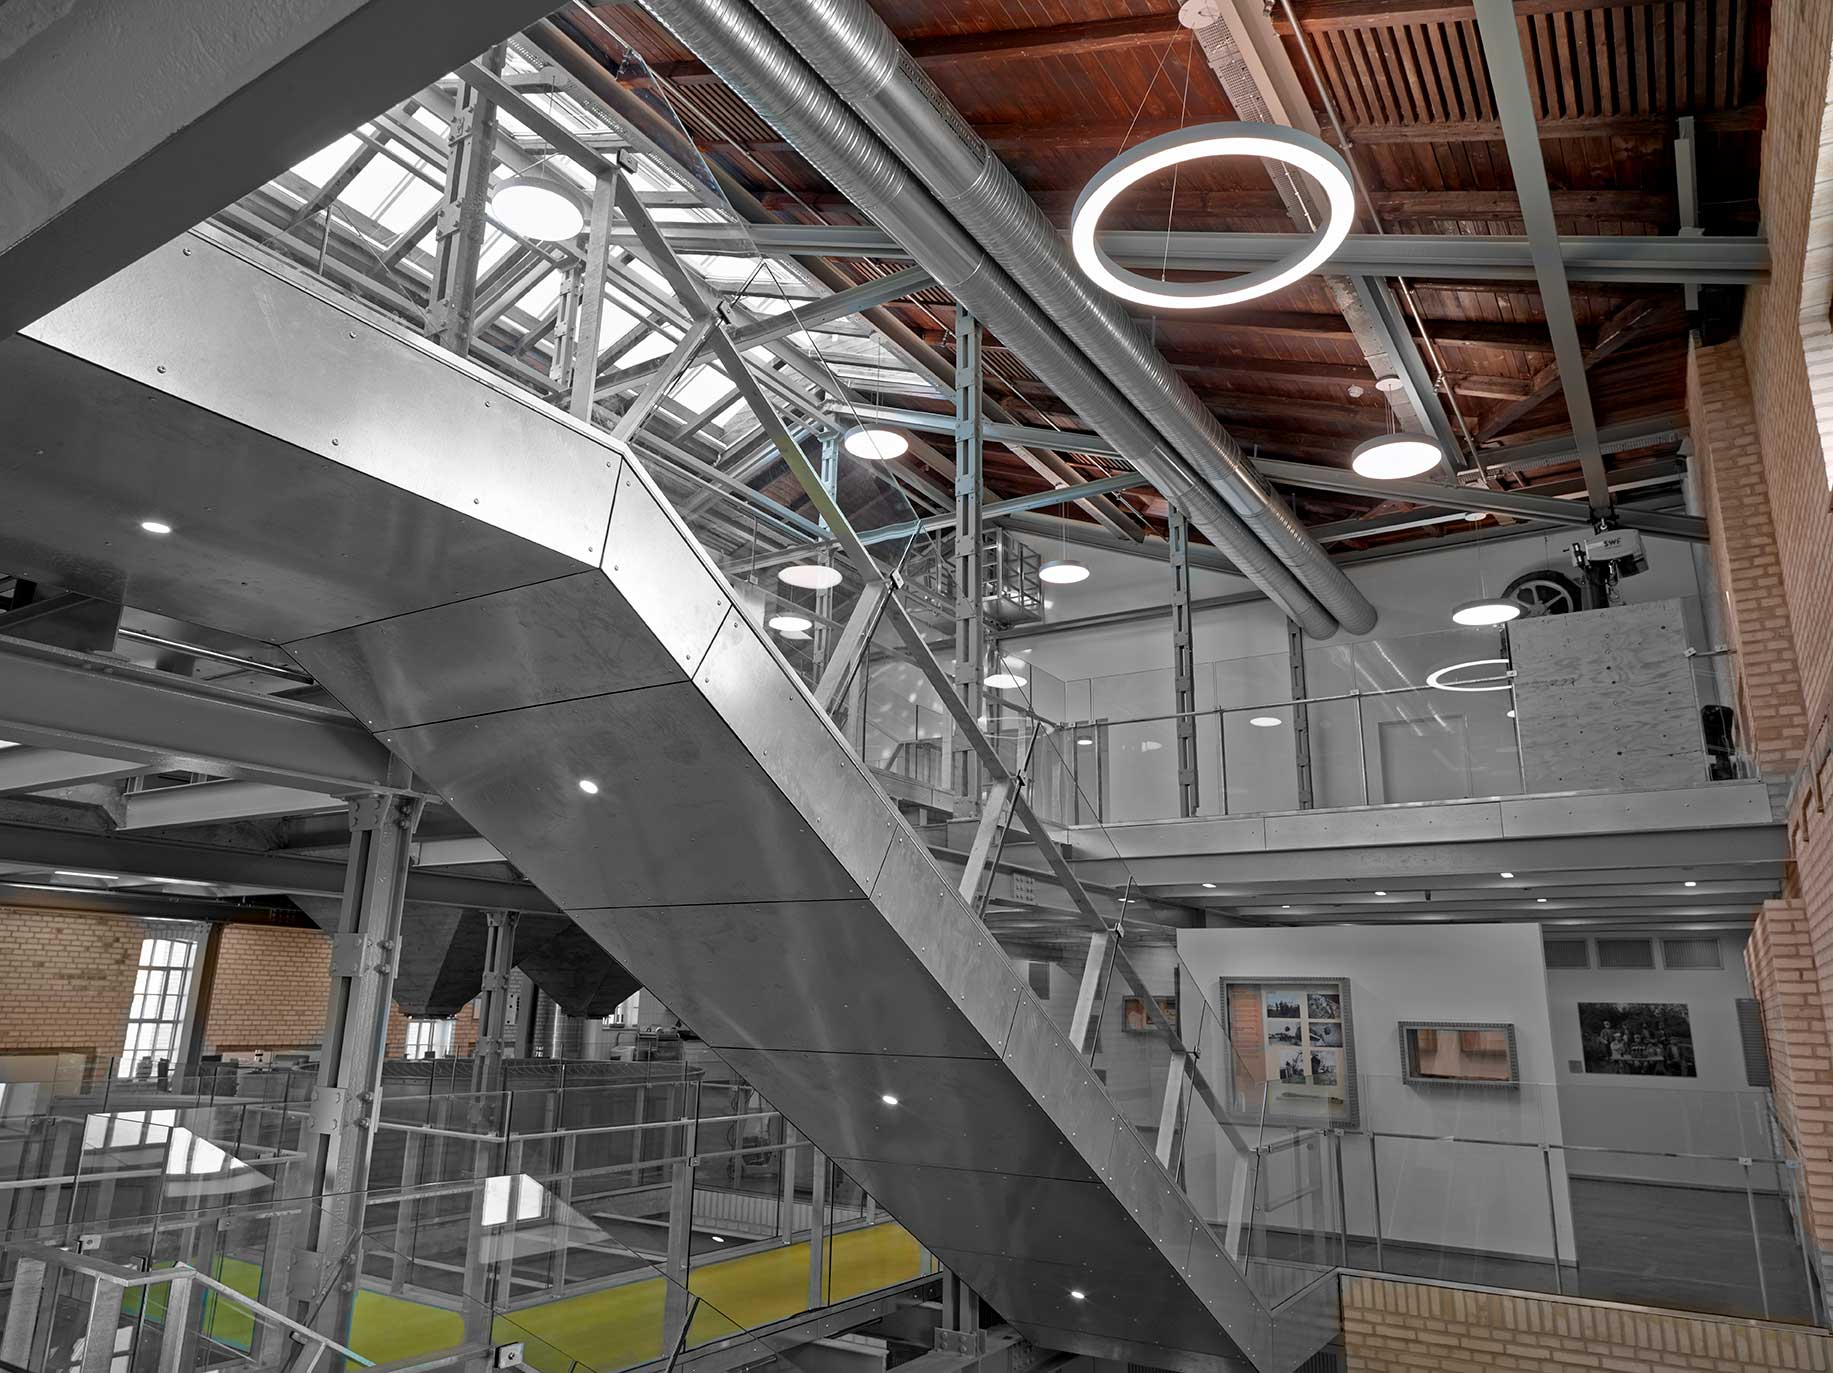 Basic Max rund lampe nedhængt fra loft på åbnekontorer. Ringo Star cirkulær lampe nedhængt fra loft ved trapper. EDLR downlight spotlight lampe indbygget under trappen - Luminex